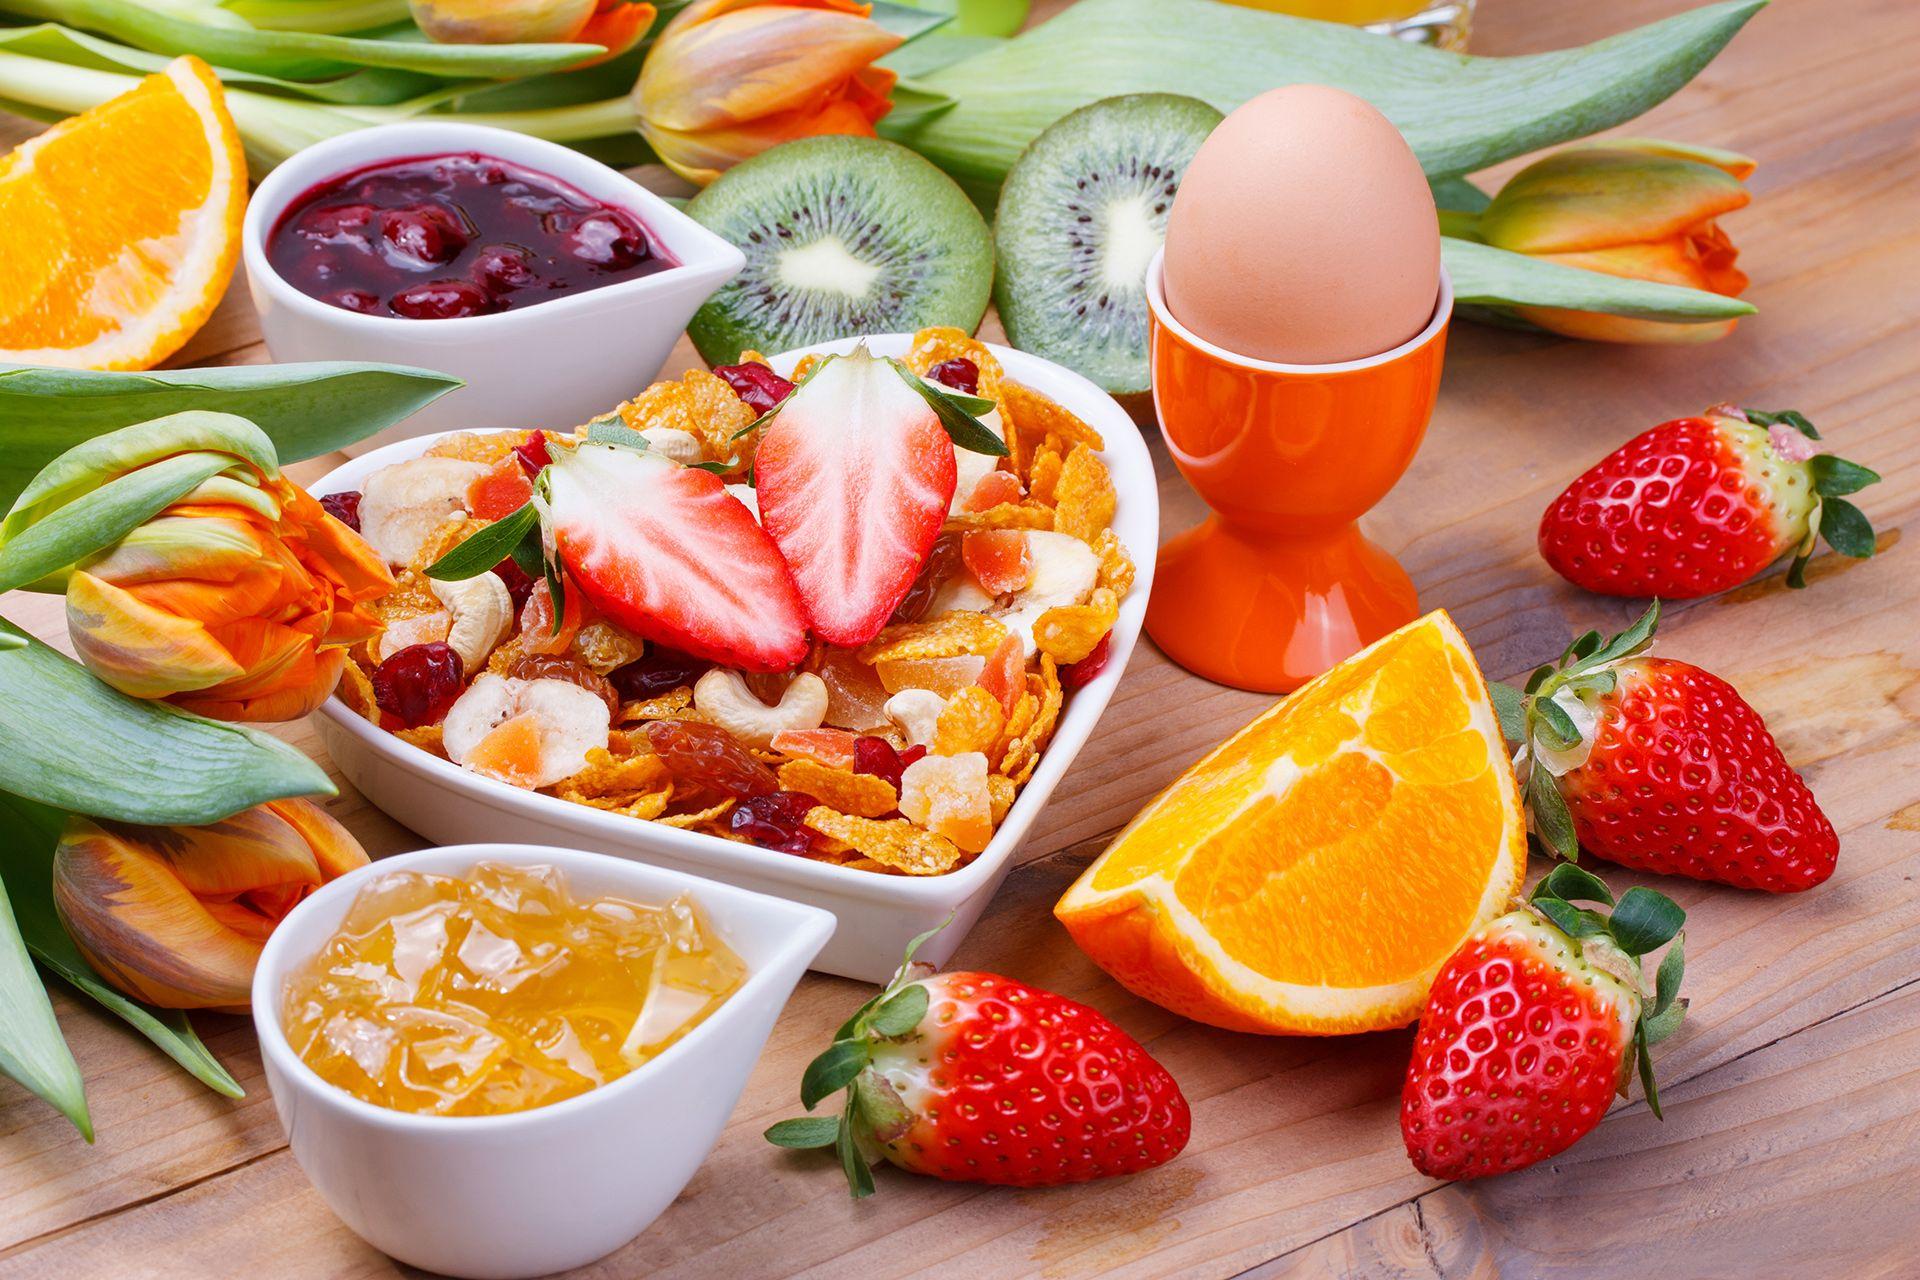 rotblattstuebli in esslingen - besenbeiz und bauern restaurant - buure brunch, sonntagsbrunch, sonntags frühstück auf dem bauernhof